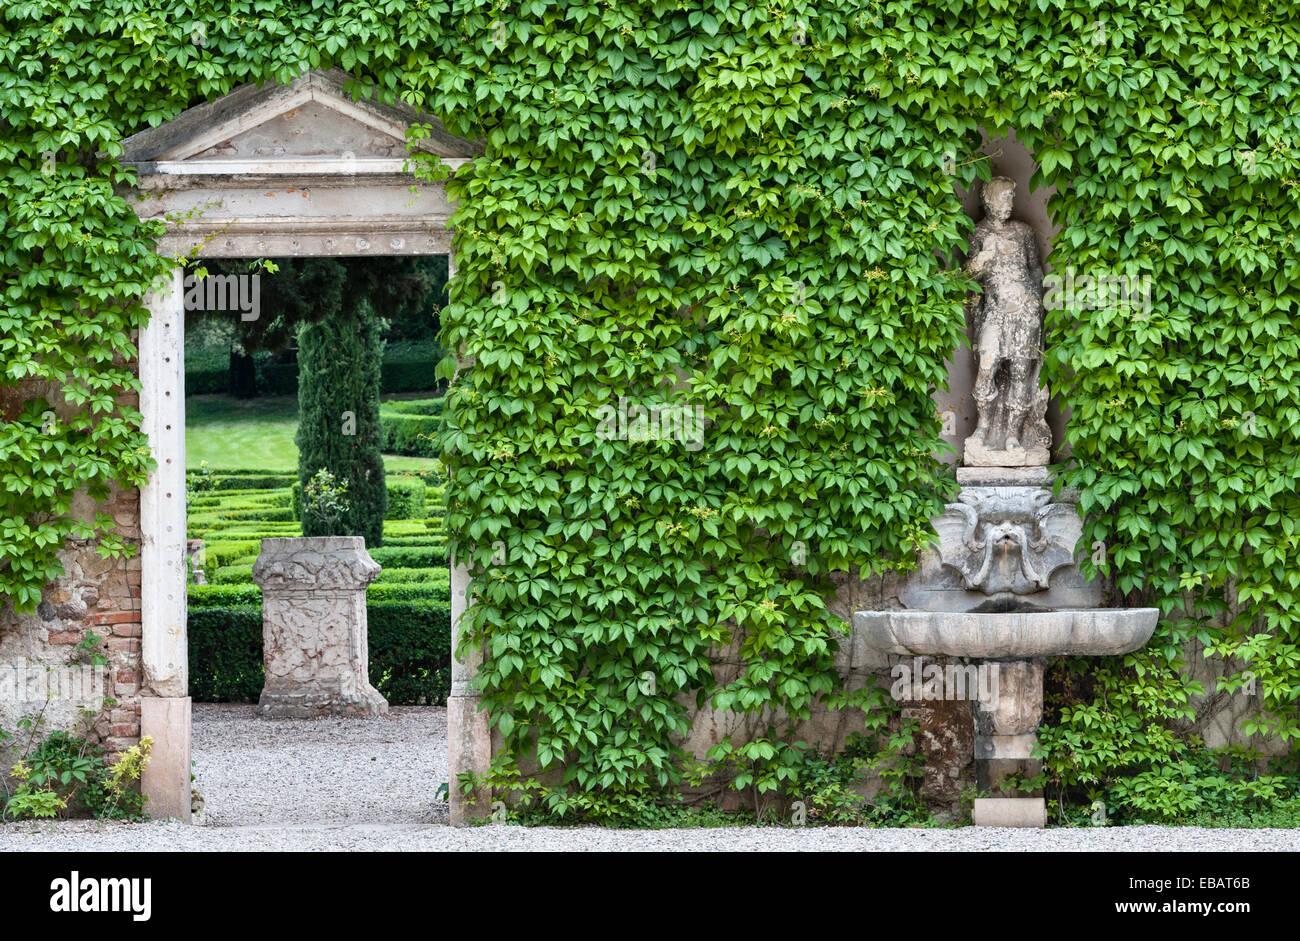 Die renaissance gärten der giardino giusti verona italien ein